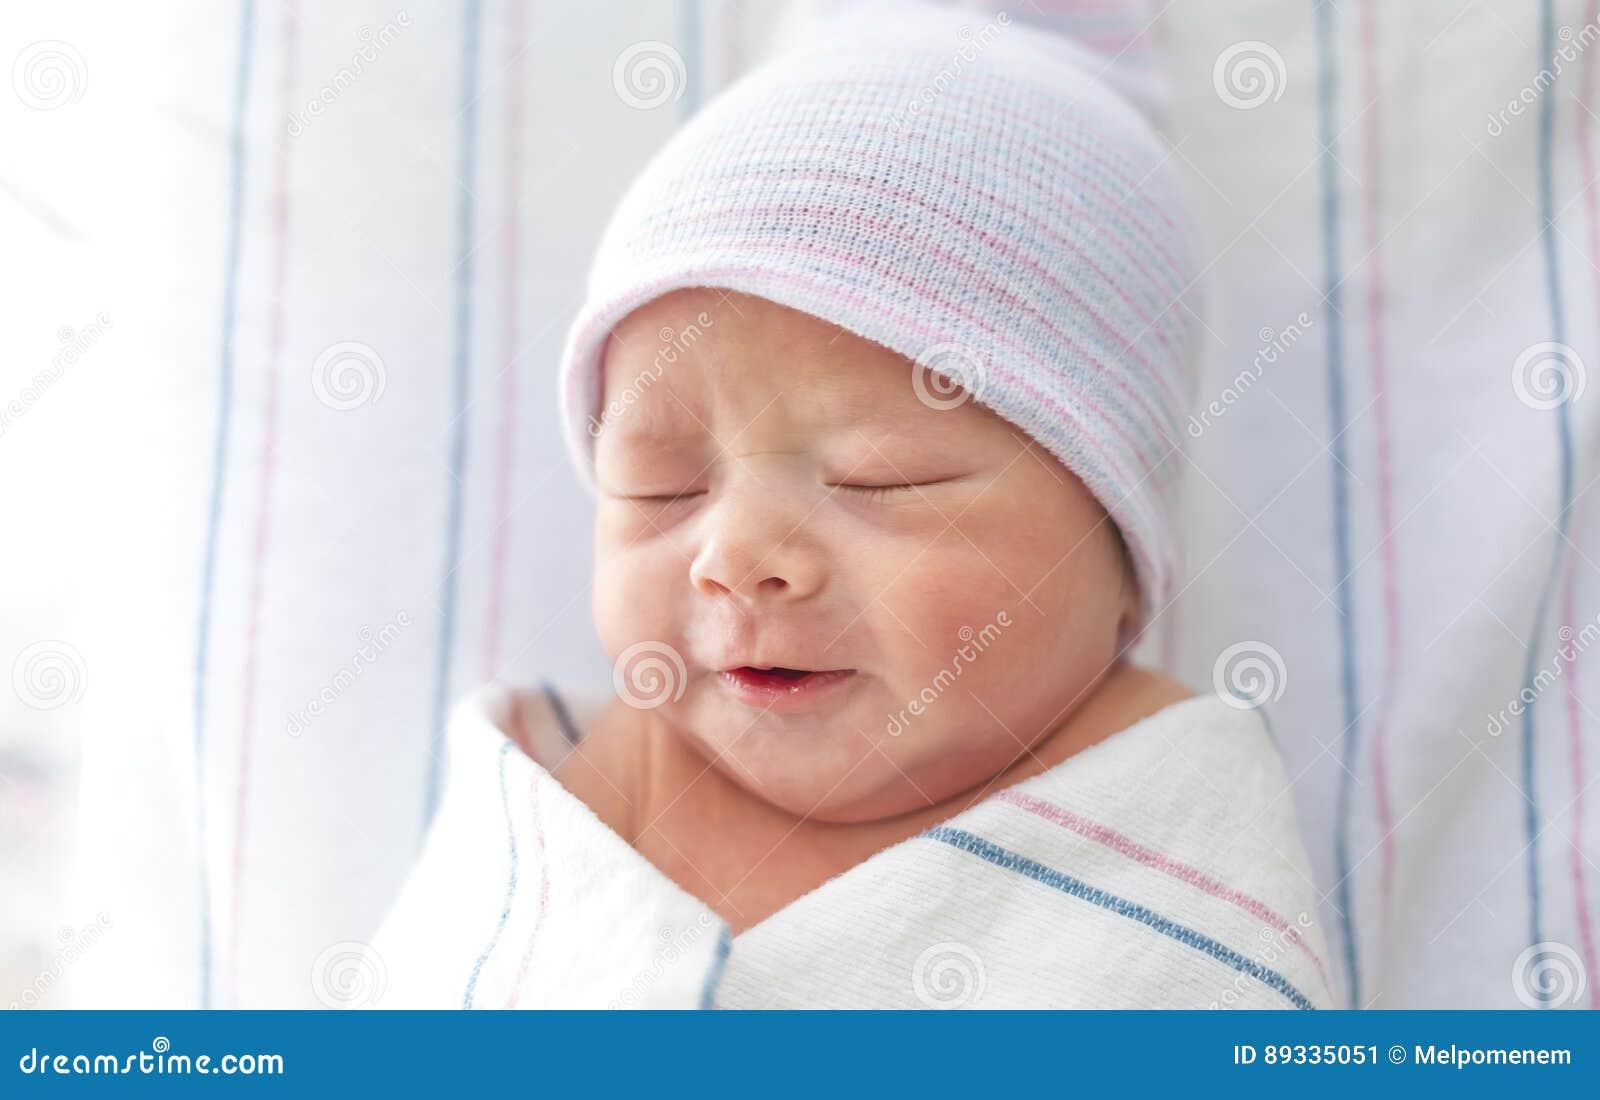 7d3168f5 Bebé del niño recién nacido puesto los pañales después del nacimiento que  miente en su cama de hospital